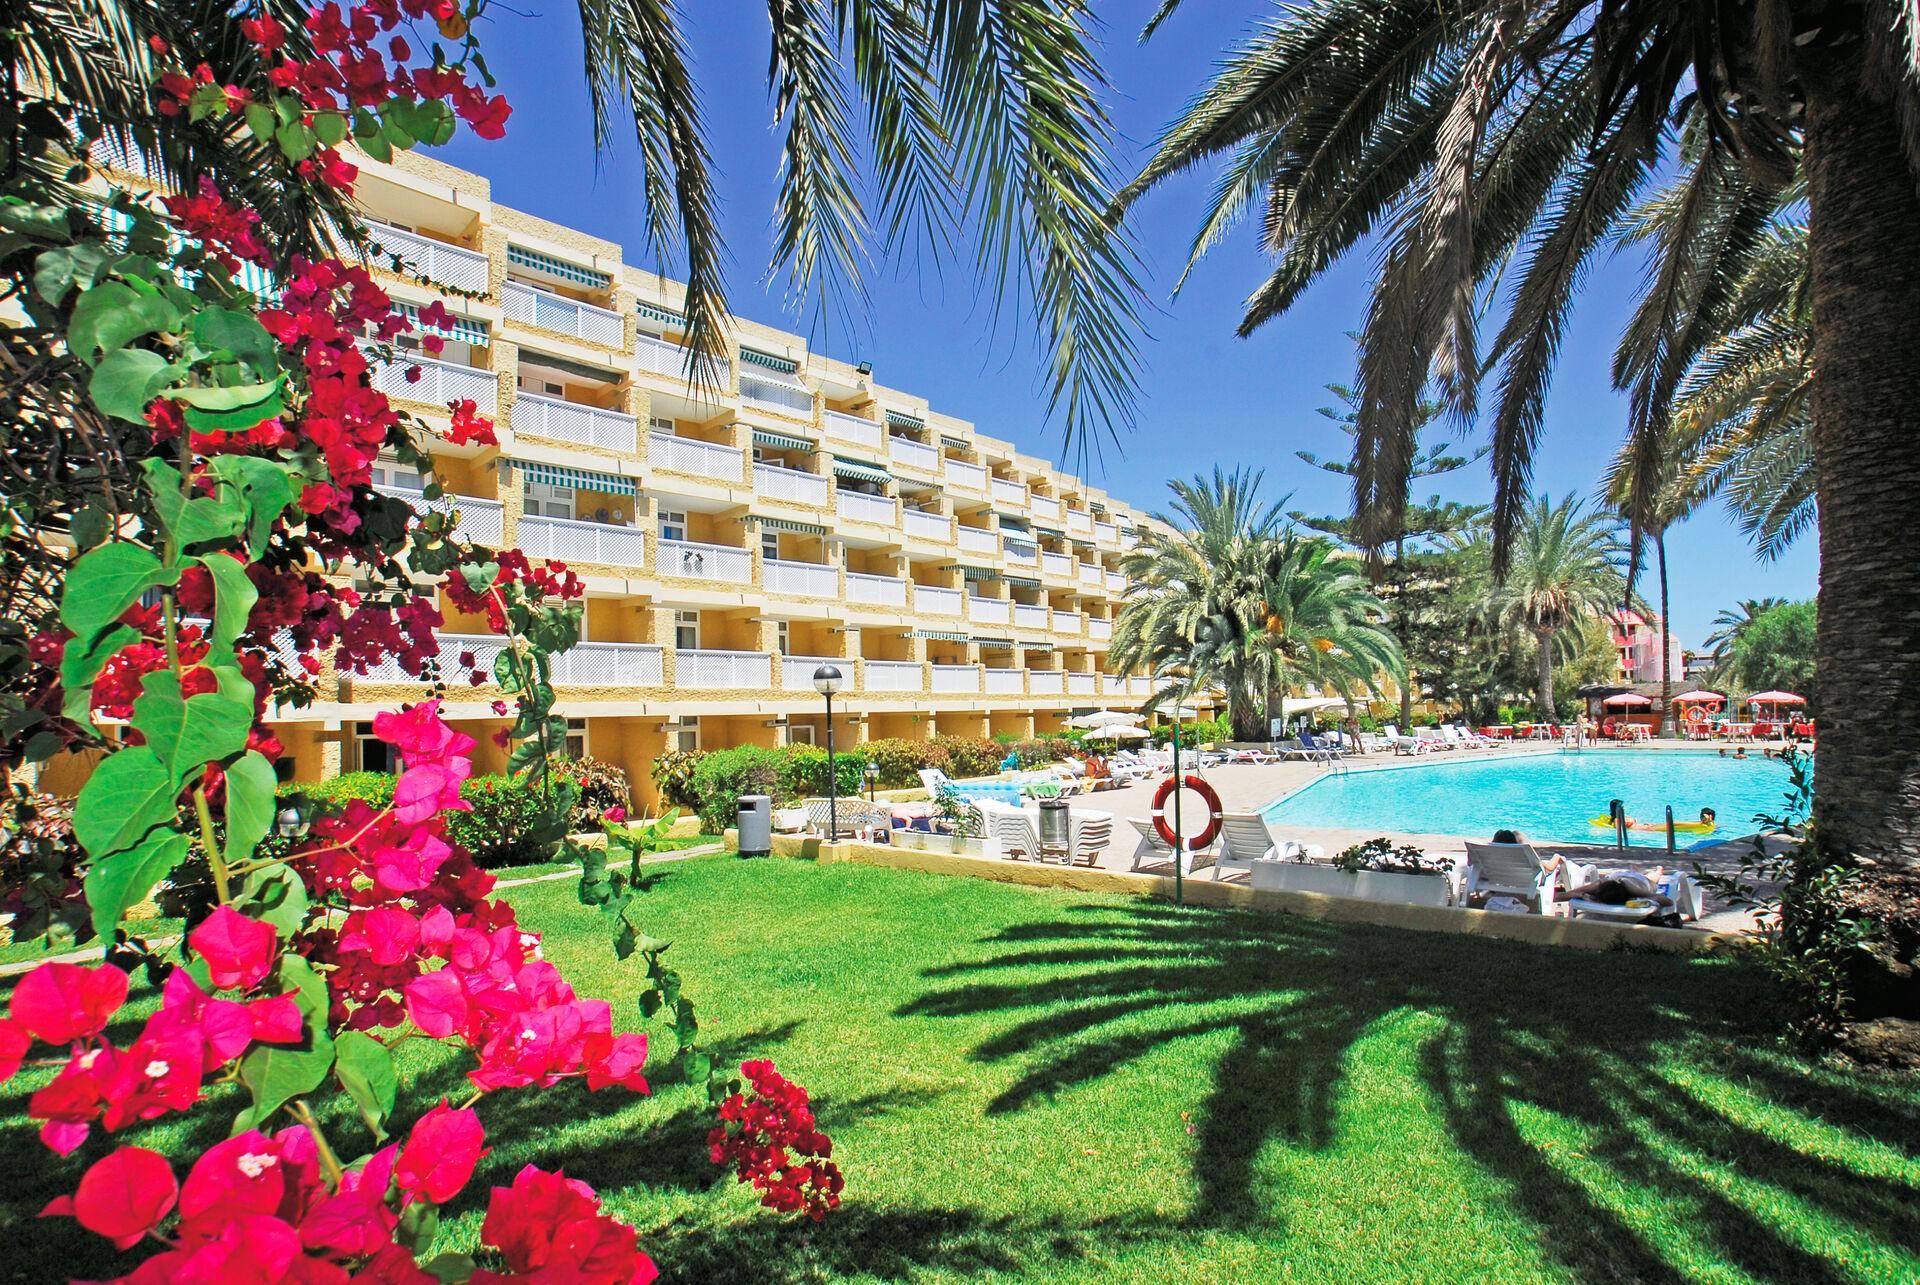 Séjour Las Palmas - Jardin del Atlantico - 3*